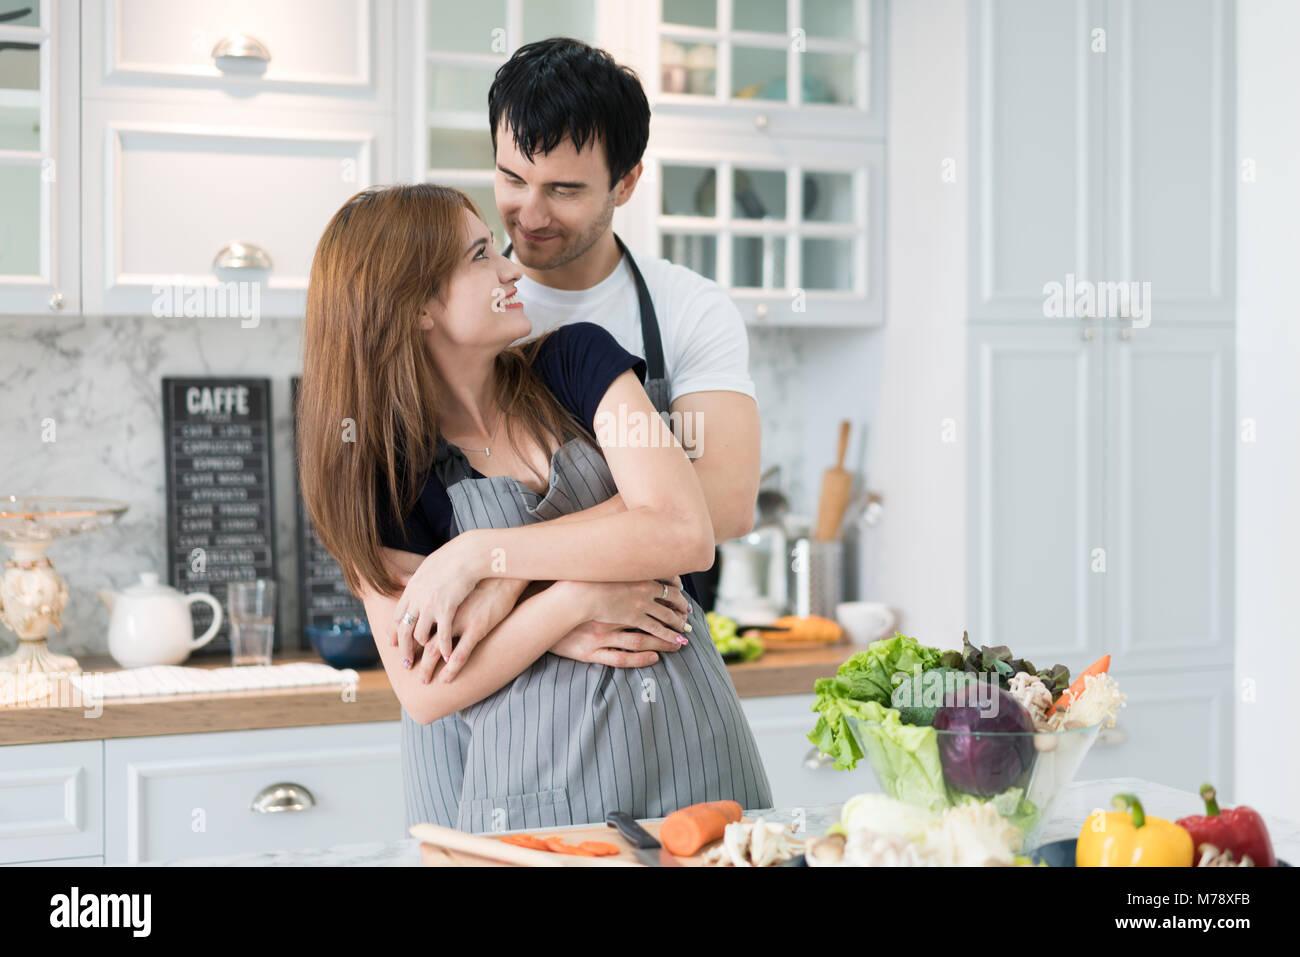 Reizende junge Paar Vorbereitung gesunde Mahlzeit in der modernen Küche. Mann umarmt Frau romantisch in Morgen Stockbild